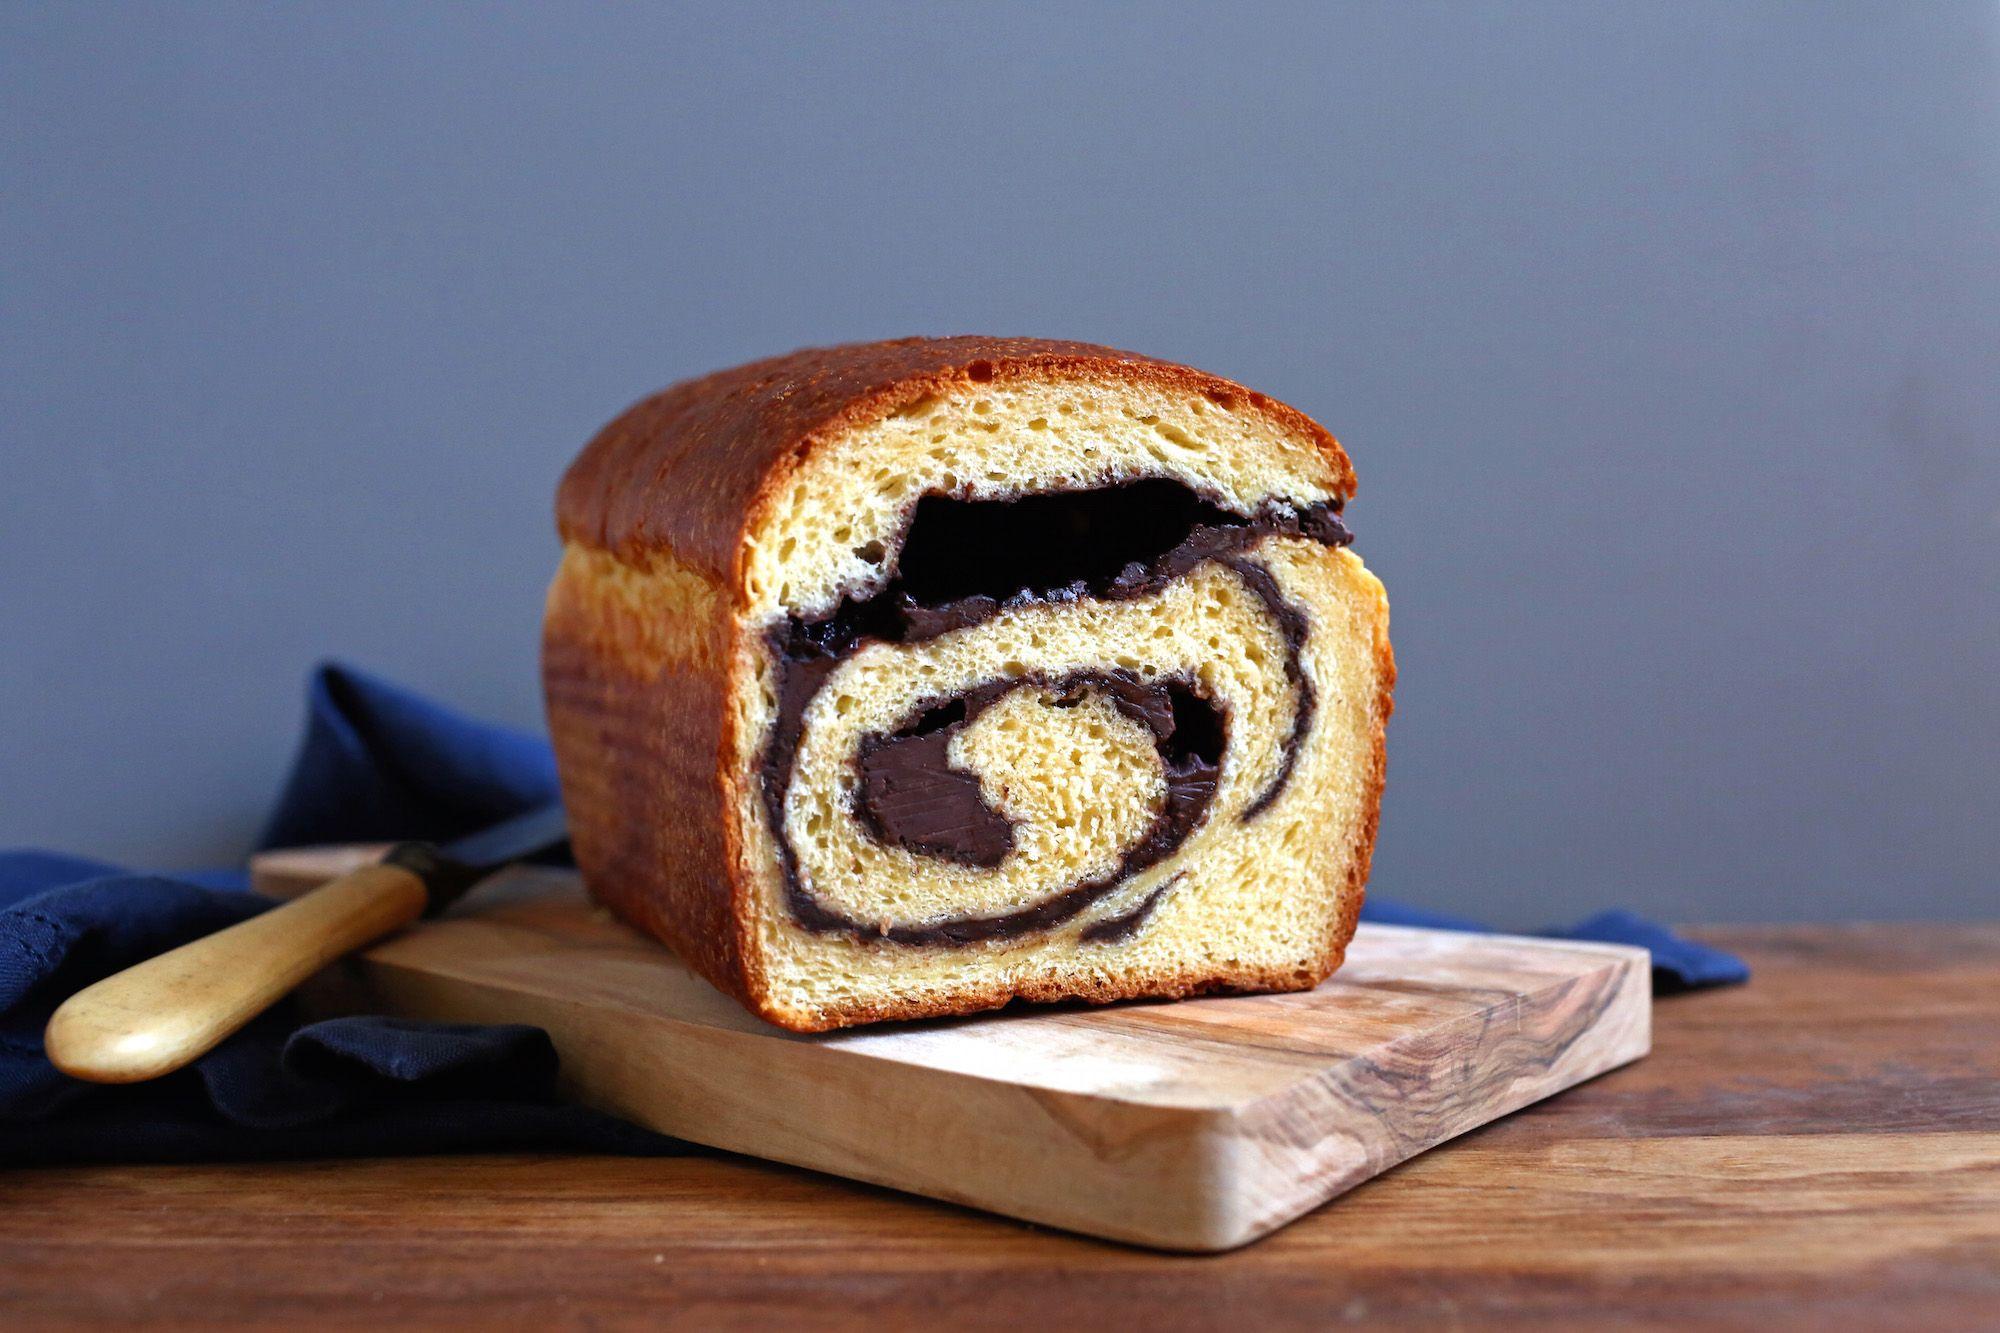 Chocolate Swirl Brioche Bread Recipe